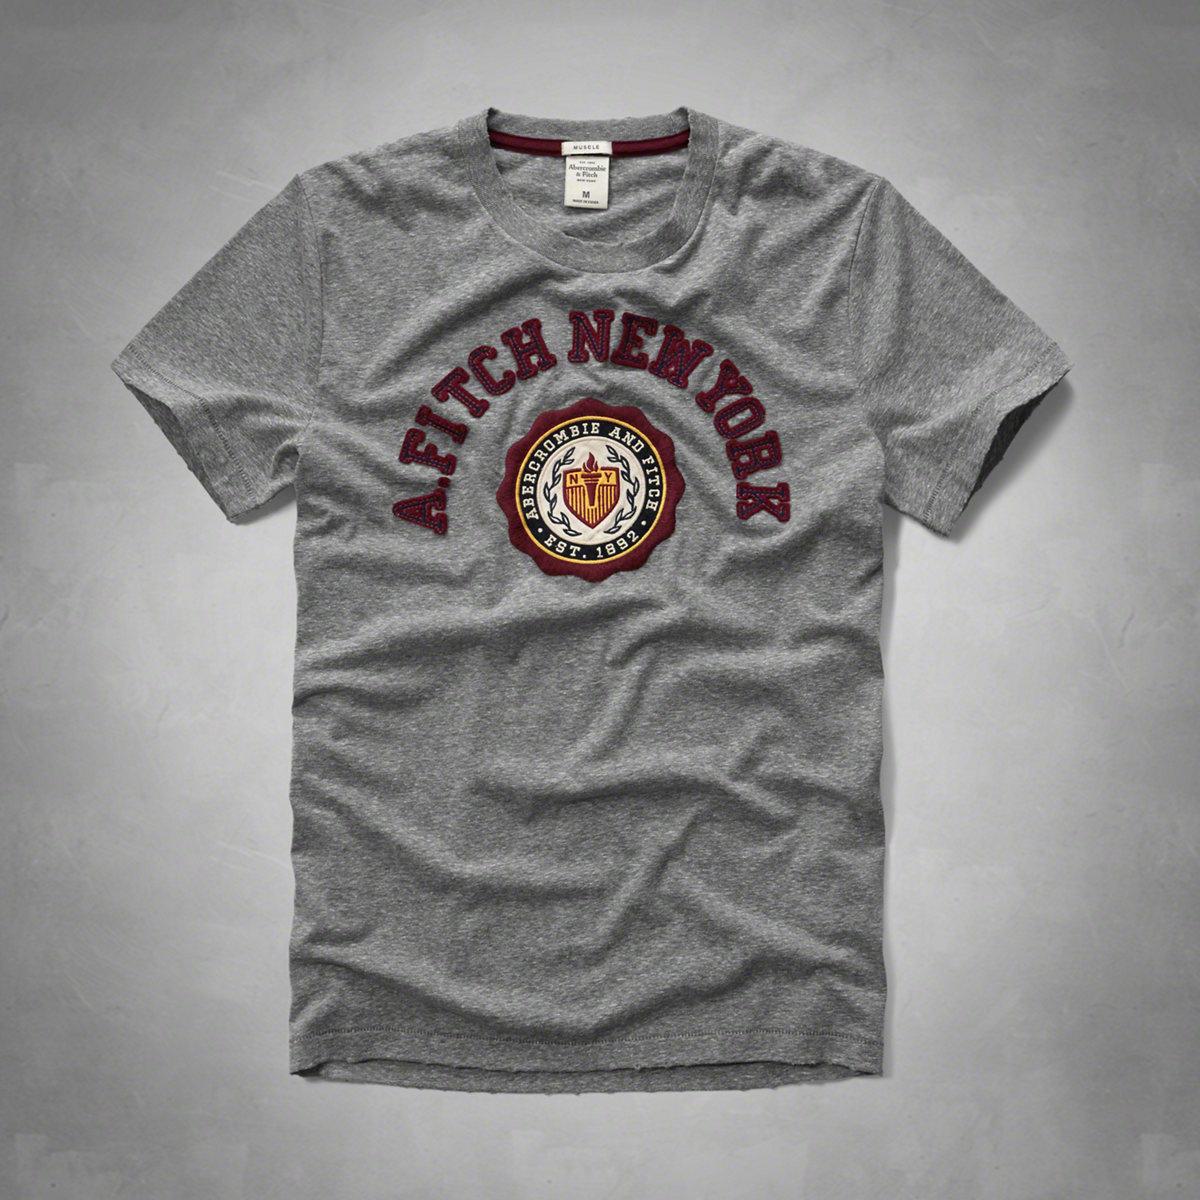 美國百分百【Abercrombie & Fitch】T恤 AF 短袖 T-shirt 麋鹿 徽章 灰色 特價 S M L XL號 F601